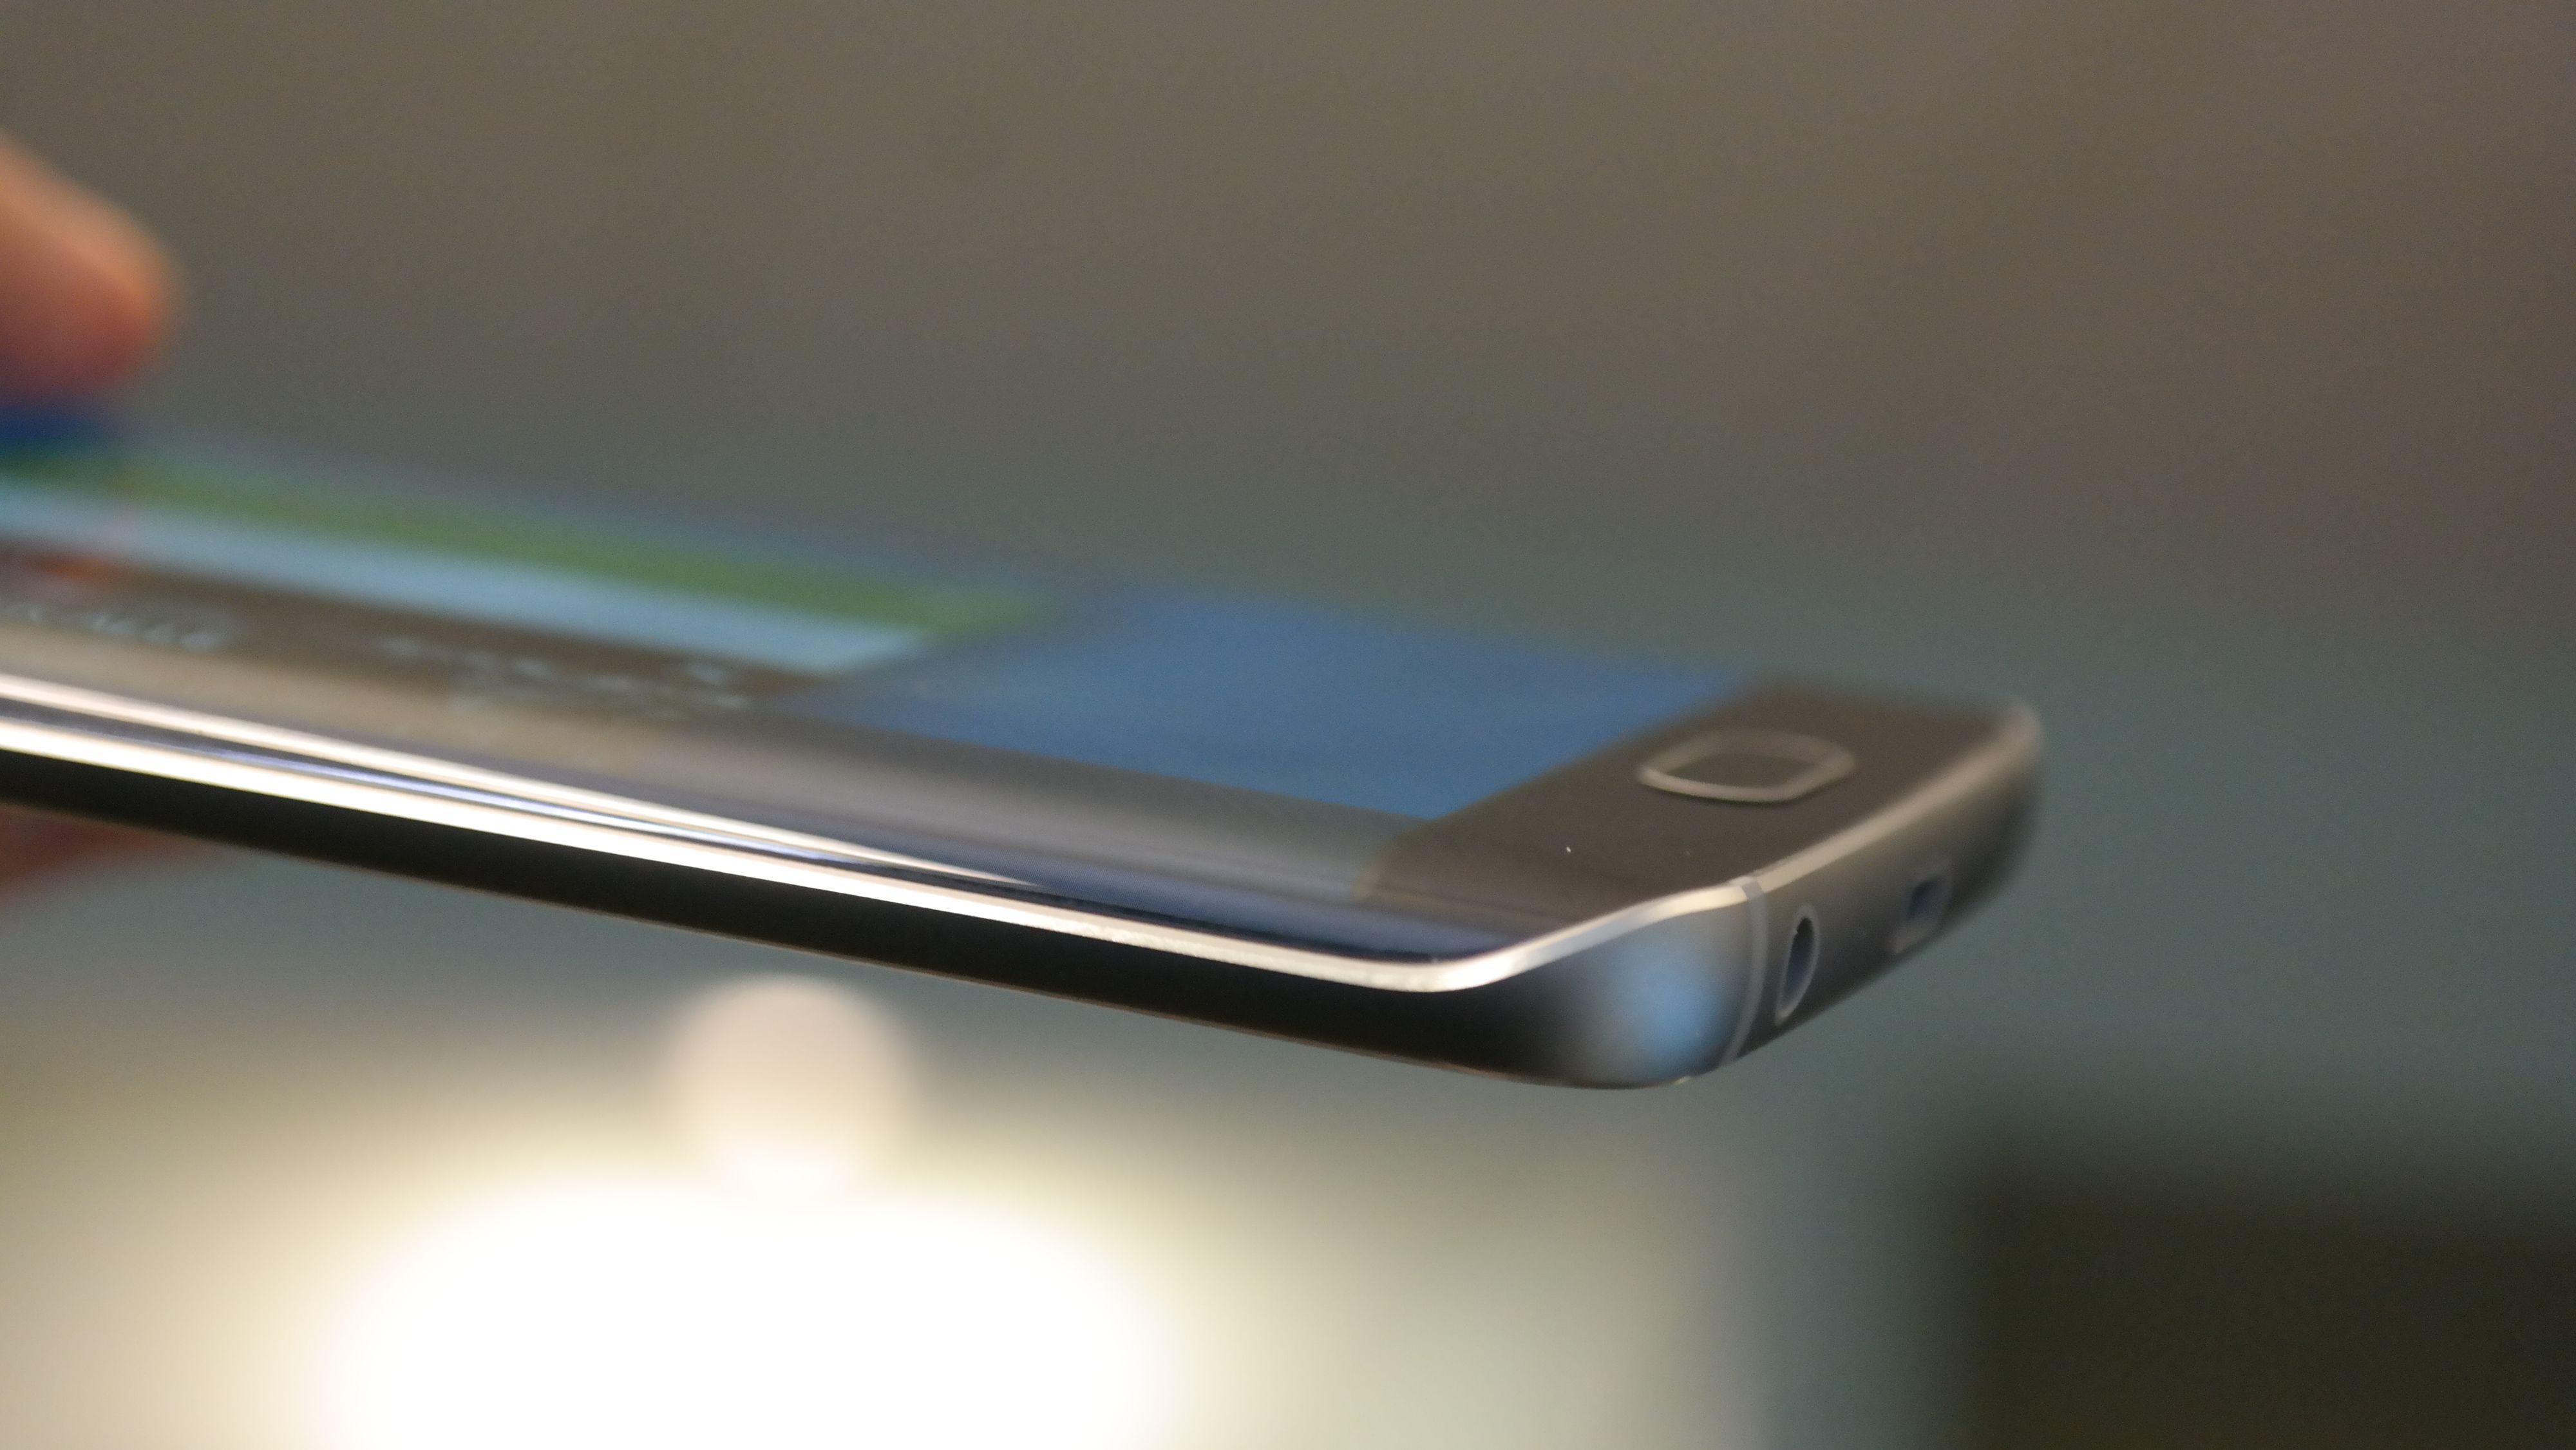 De buede kantene på Samsung Galaxy S6 Edge gjør den litt mer vrien å lage. Foto: Espen Irwing Swang, Tek.no